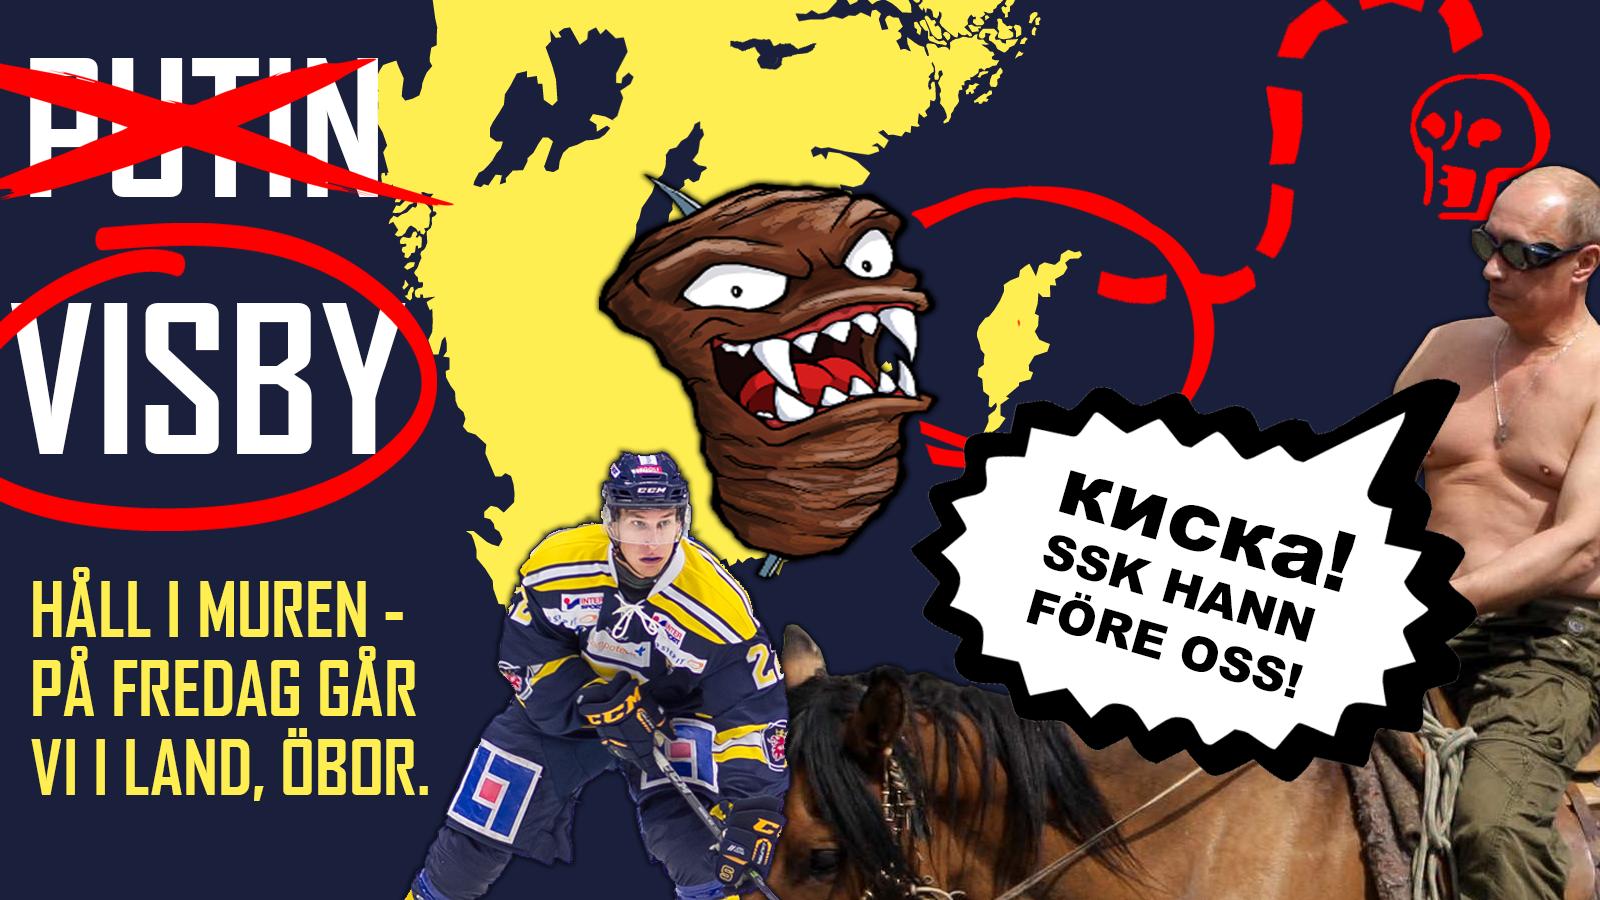 Ryssland är nere. Nu väntar Visby.